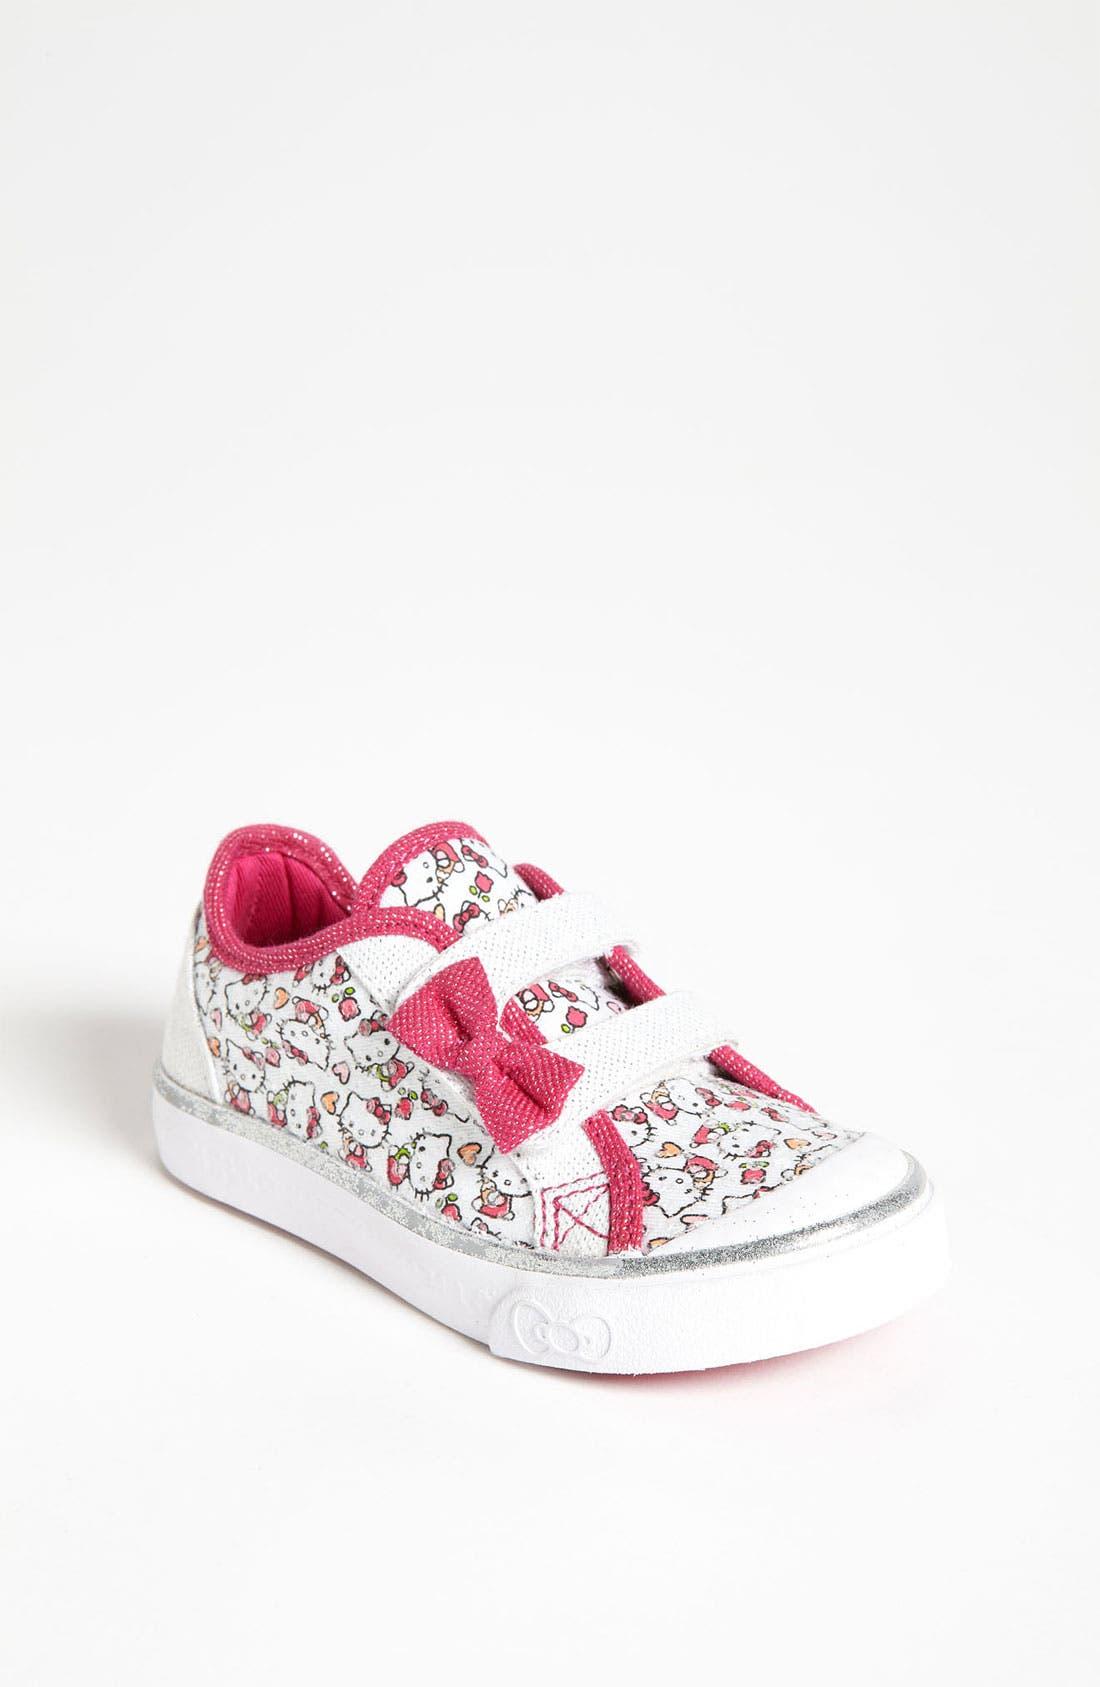 Alternate Image 1 Selected - Keds® 'Scribble Kitty' Sneaker (Walker & Toddler)